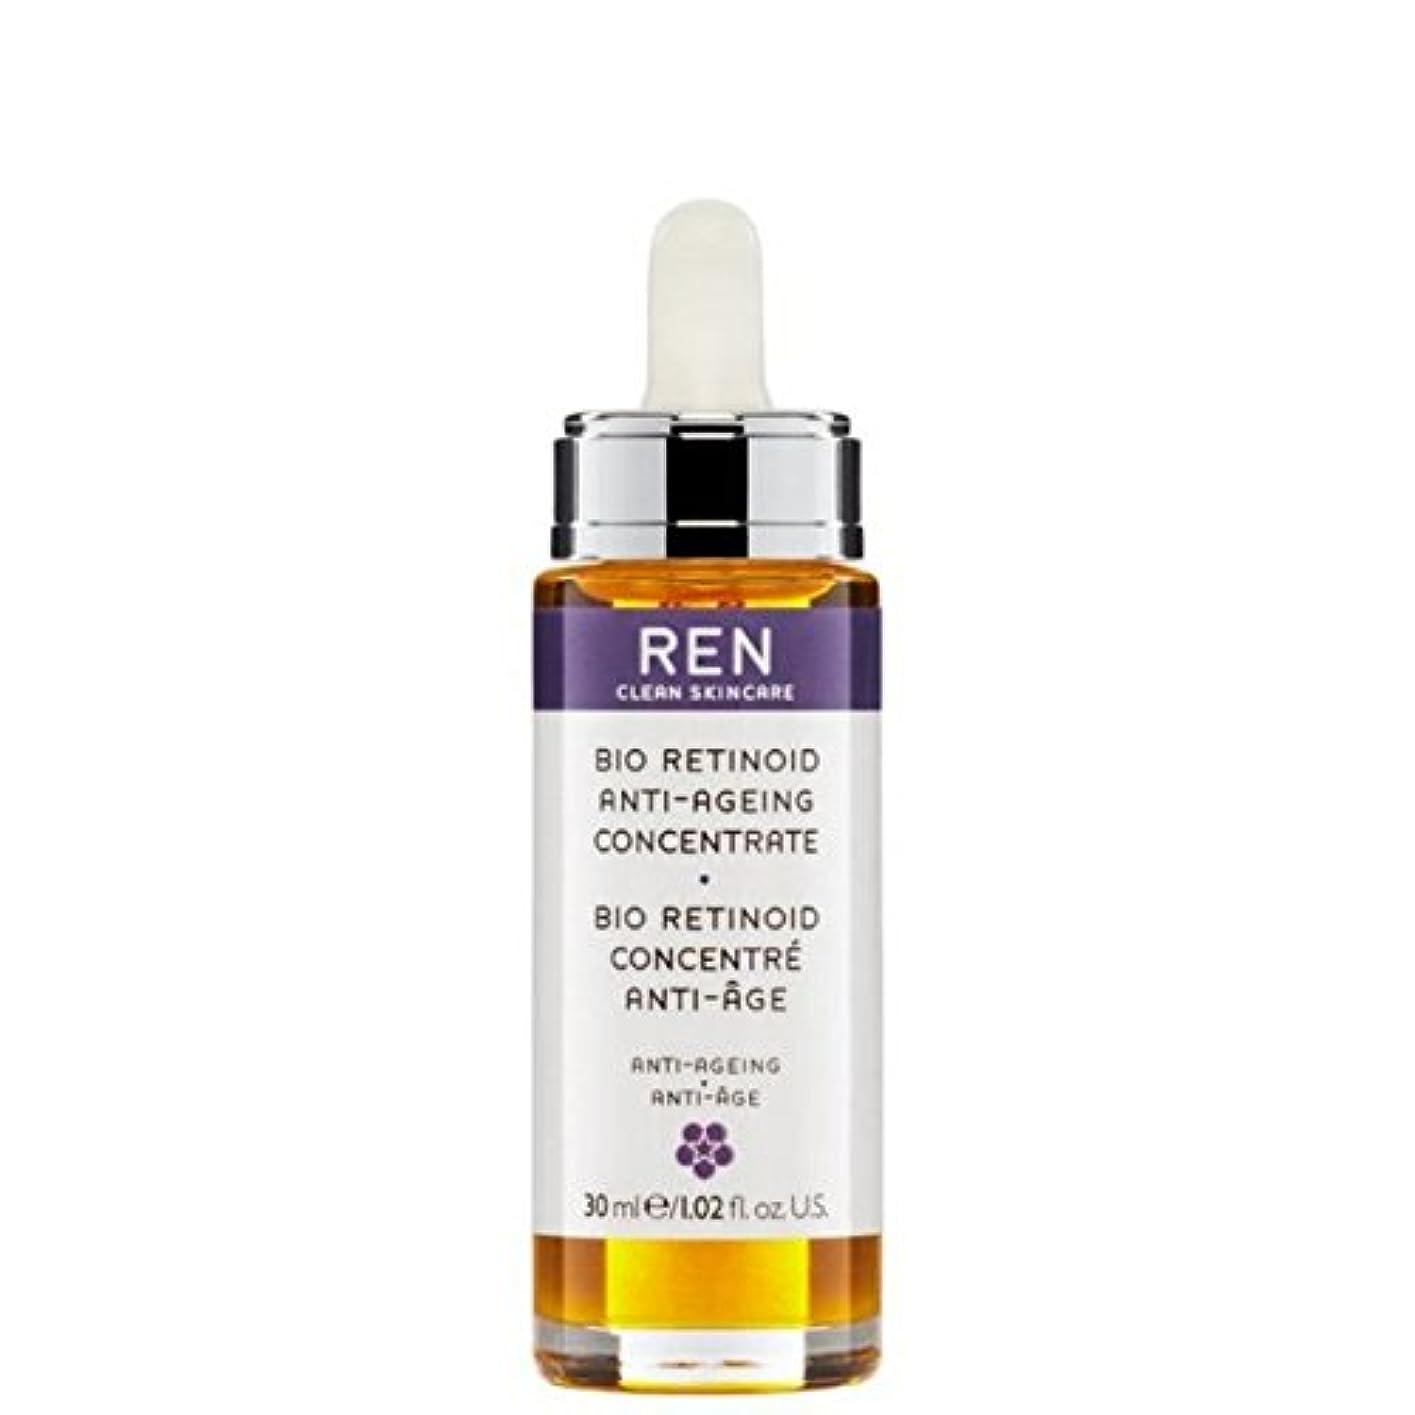 大聖堂ダーツ通路バイオレチノイド抗しわ濃縮油 x4 - REN Bio Retinoid Anti-Wrinkle Concentrate Oil (Pack of 4) [並行輸入品]